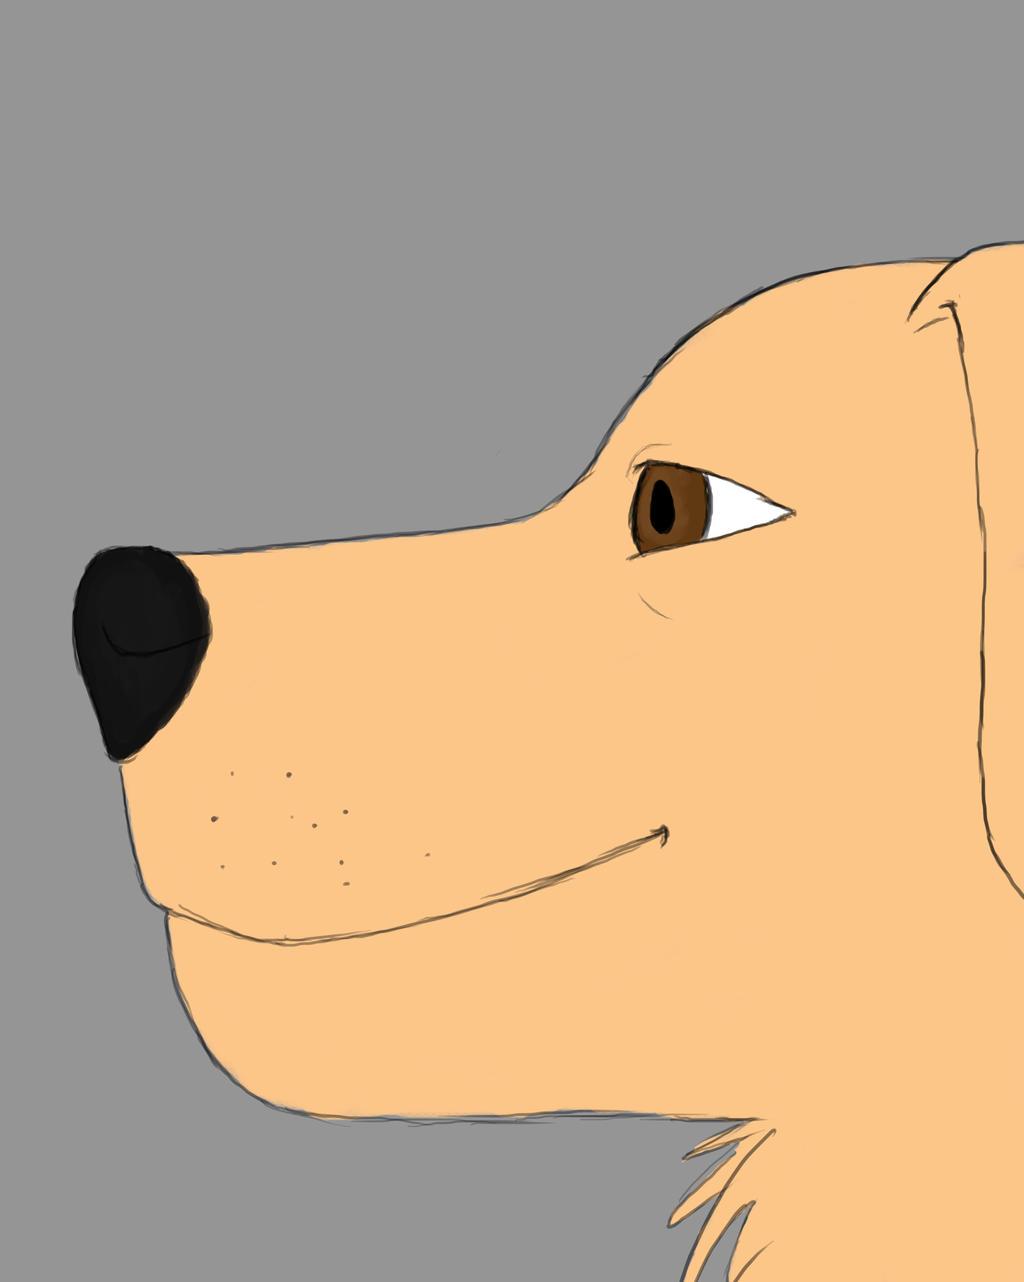 Dogg Daily sketch #474 by GothicVampireFreak